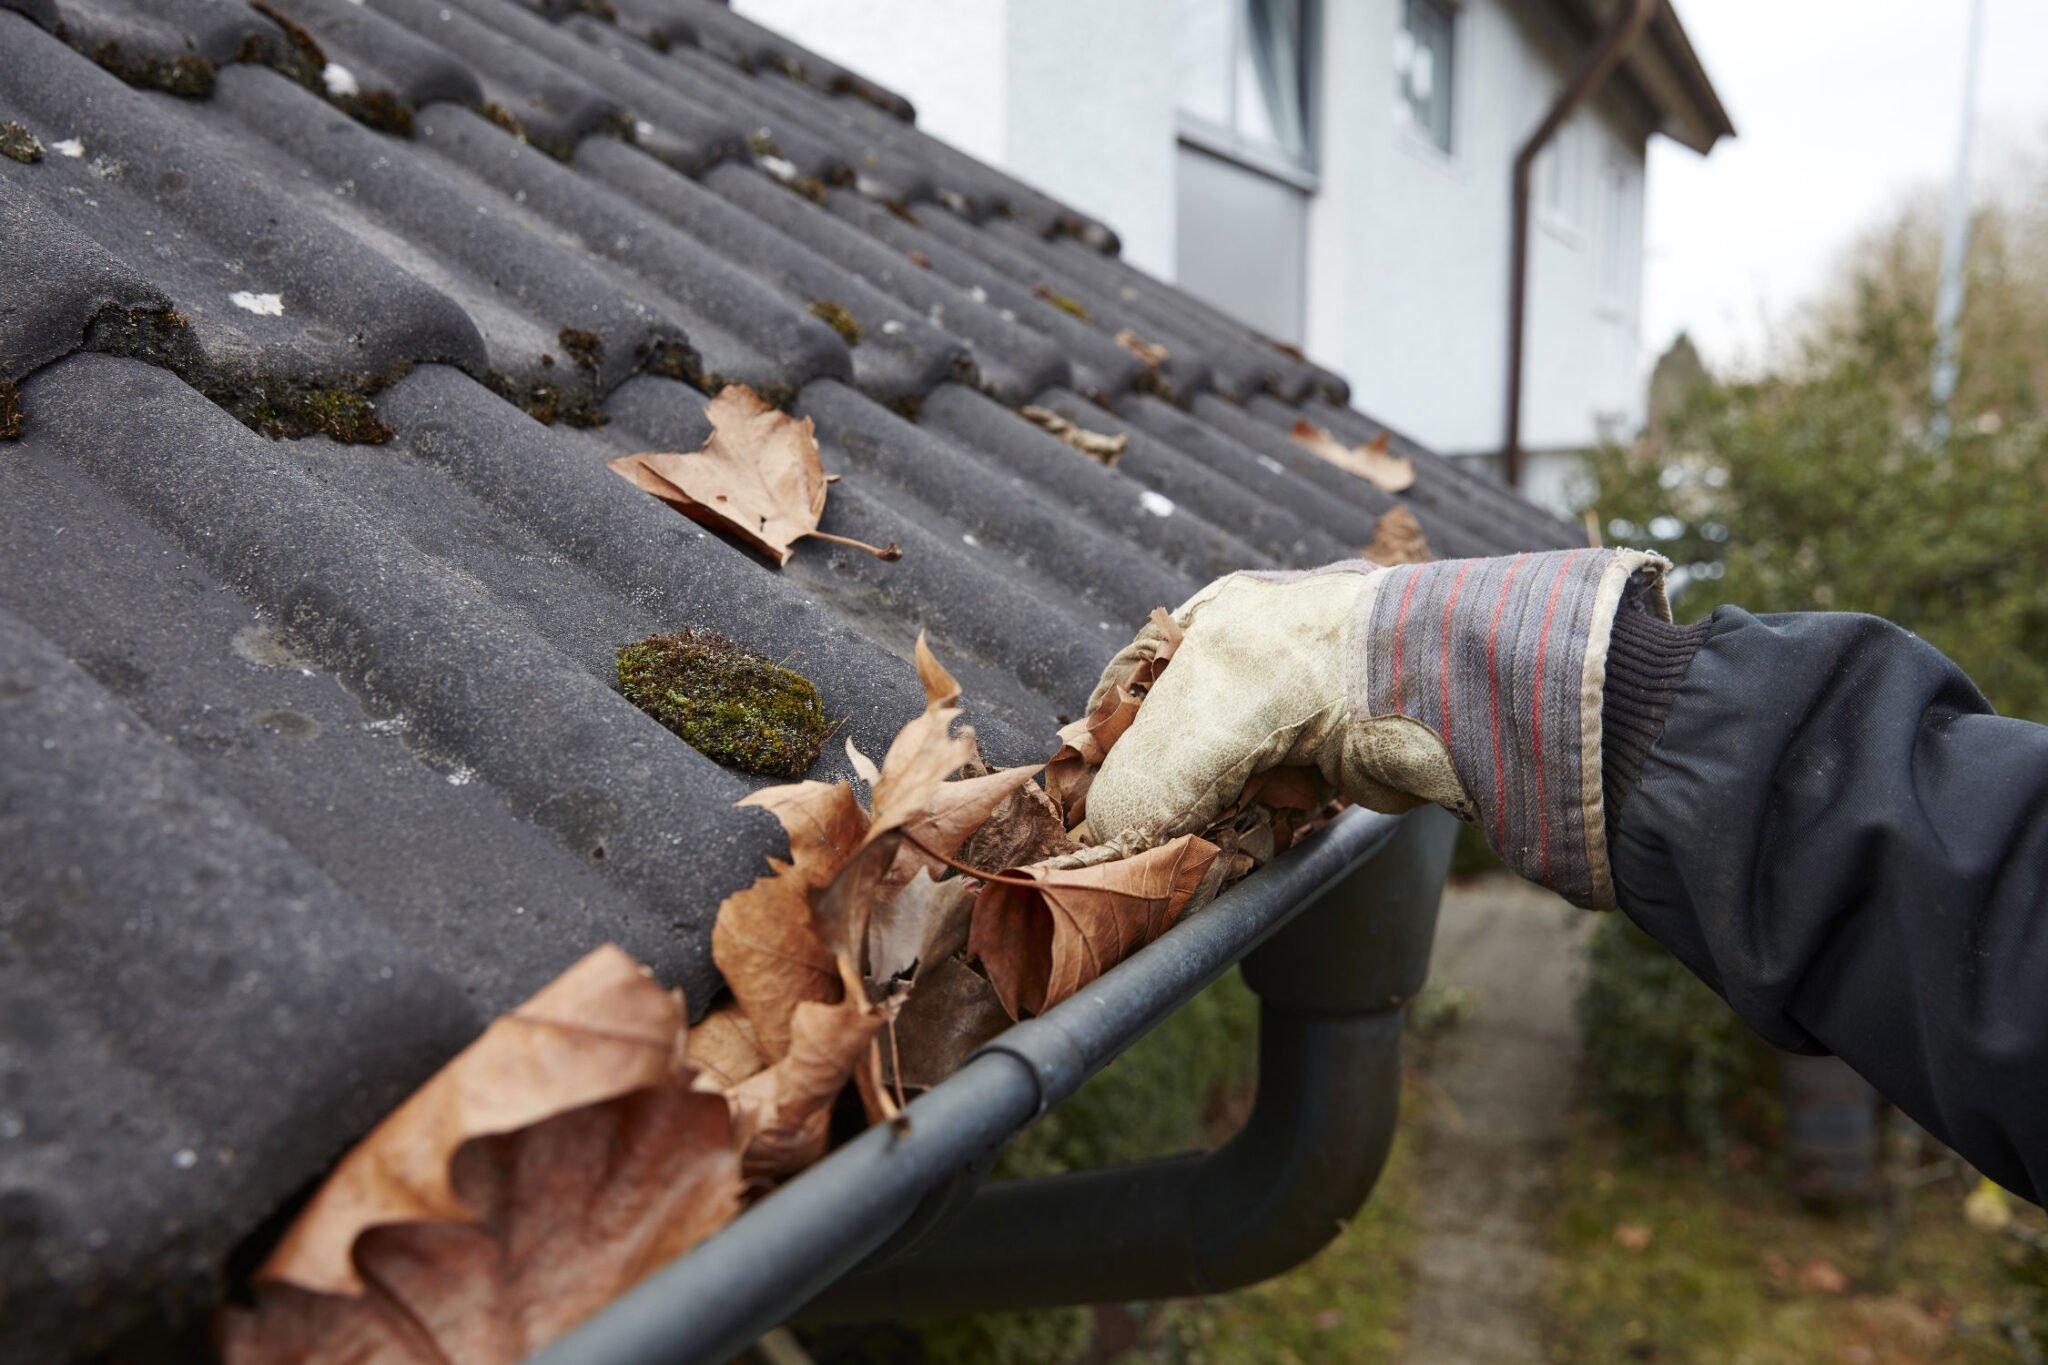 Wird die Regenrinne von Blättern befreit, am besten gleich nach losen Ziegeln Ausschau halten. (Foto: Bausparkasse Schwäbisch Hall/Scheyhing)